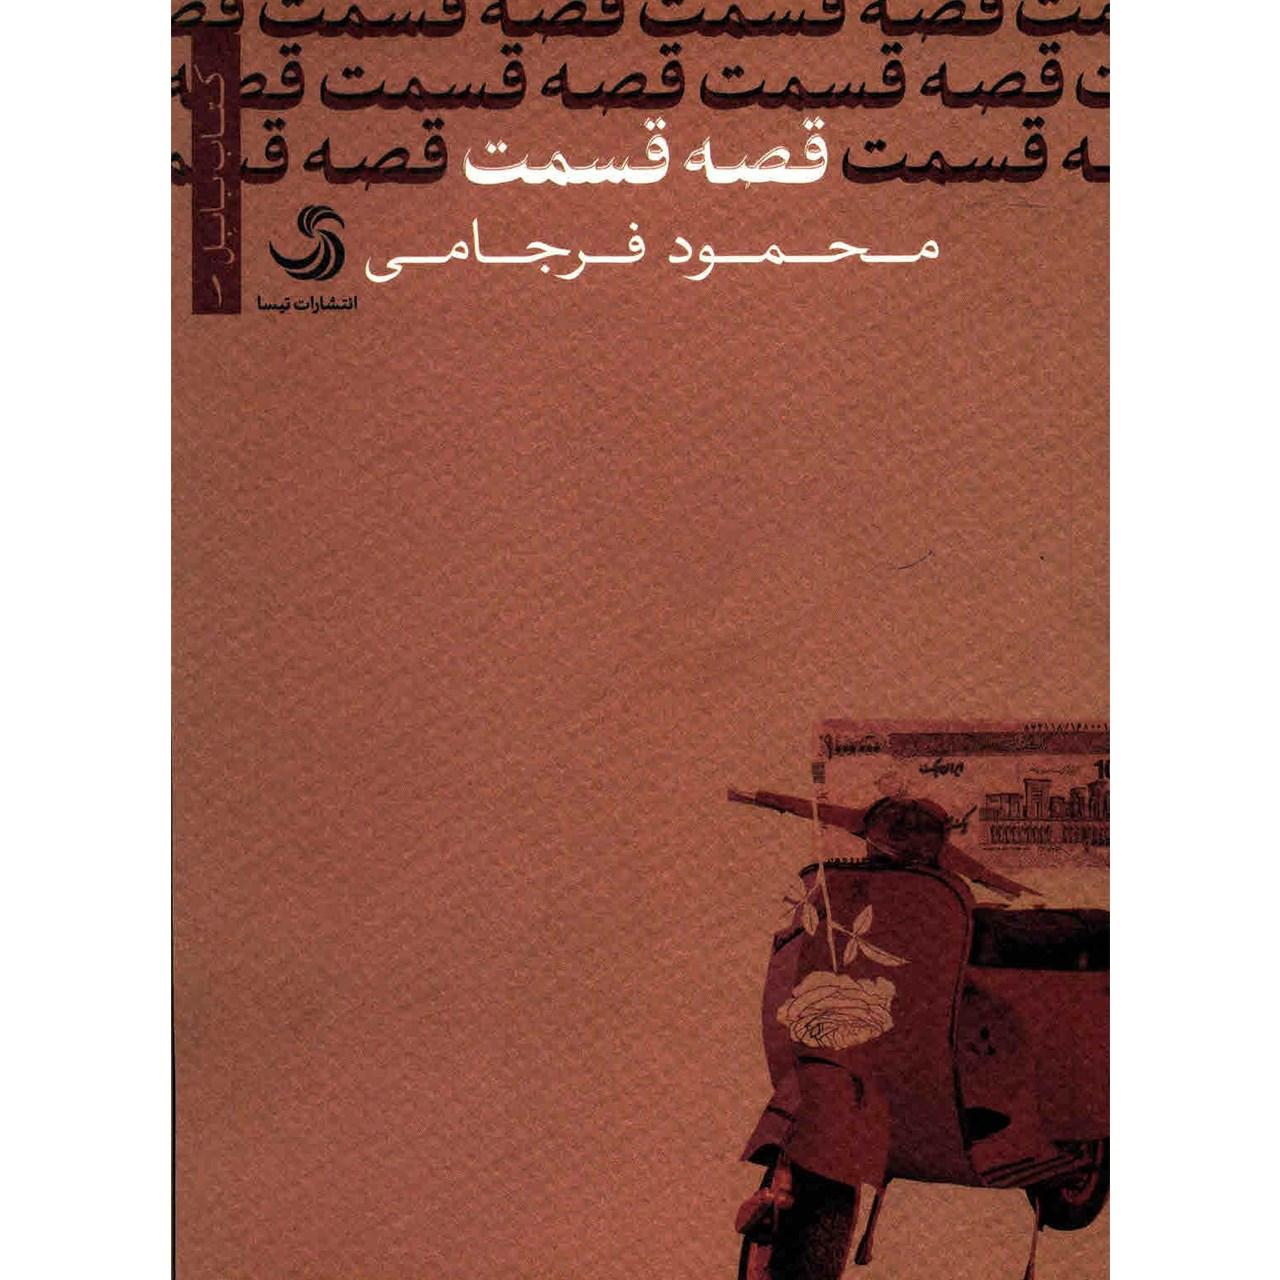 کتاب قصه قسمت اثر محمود فرجامی